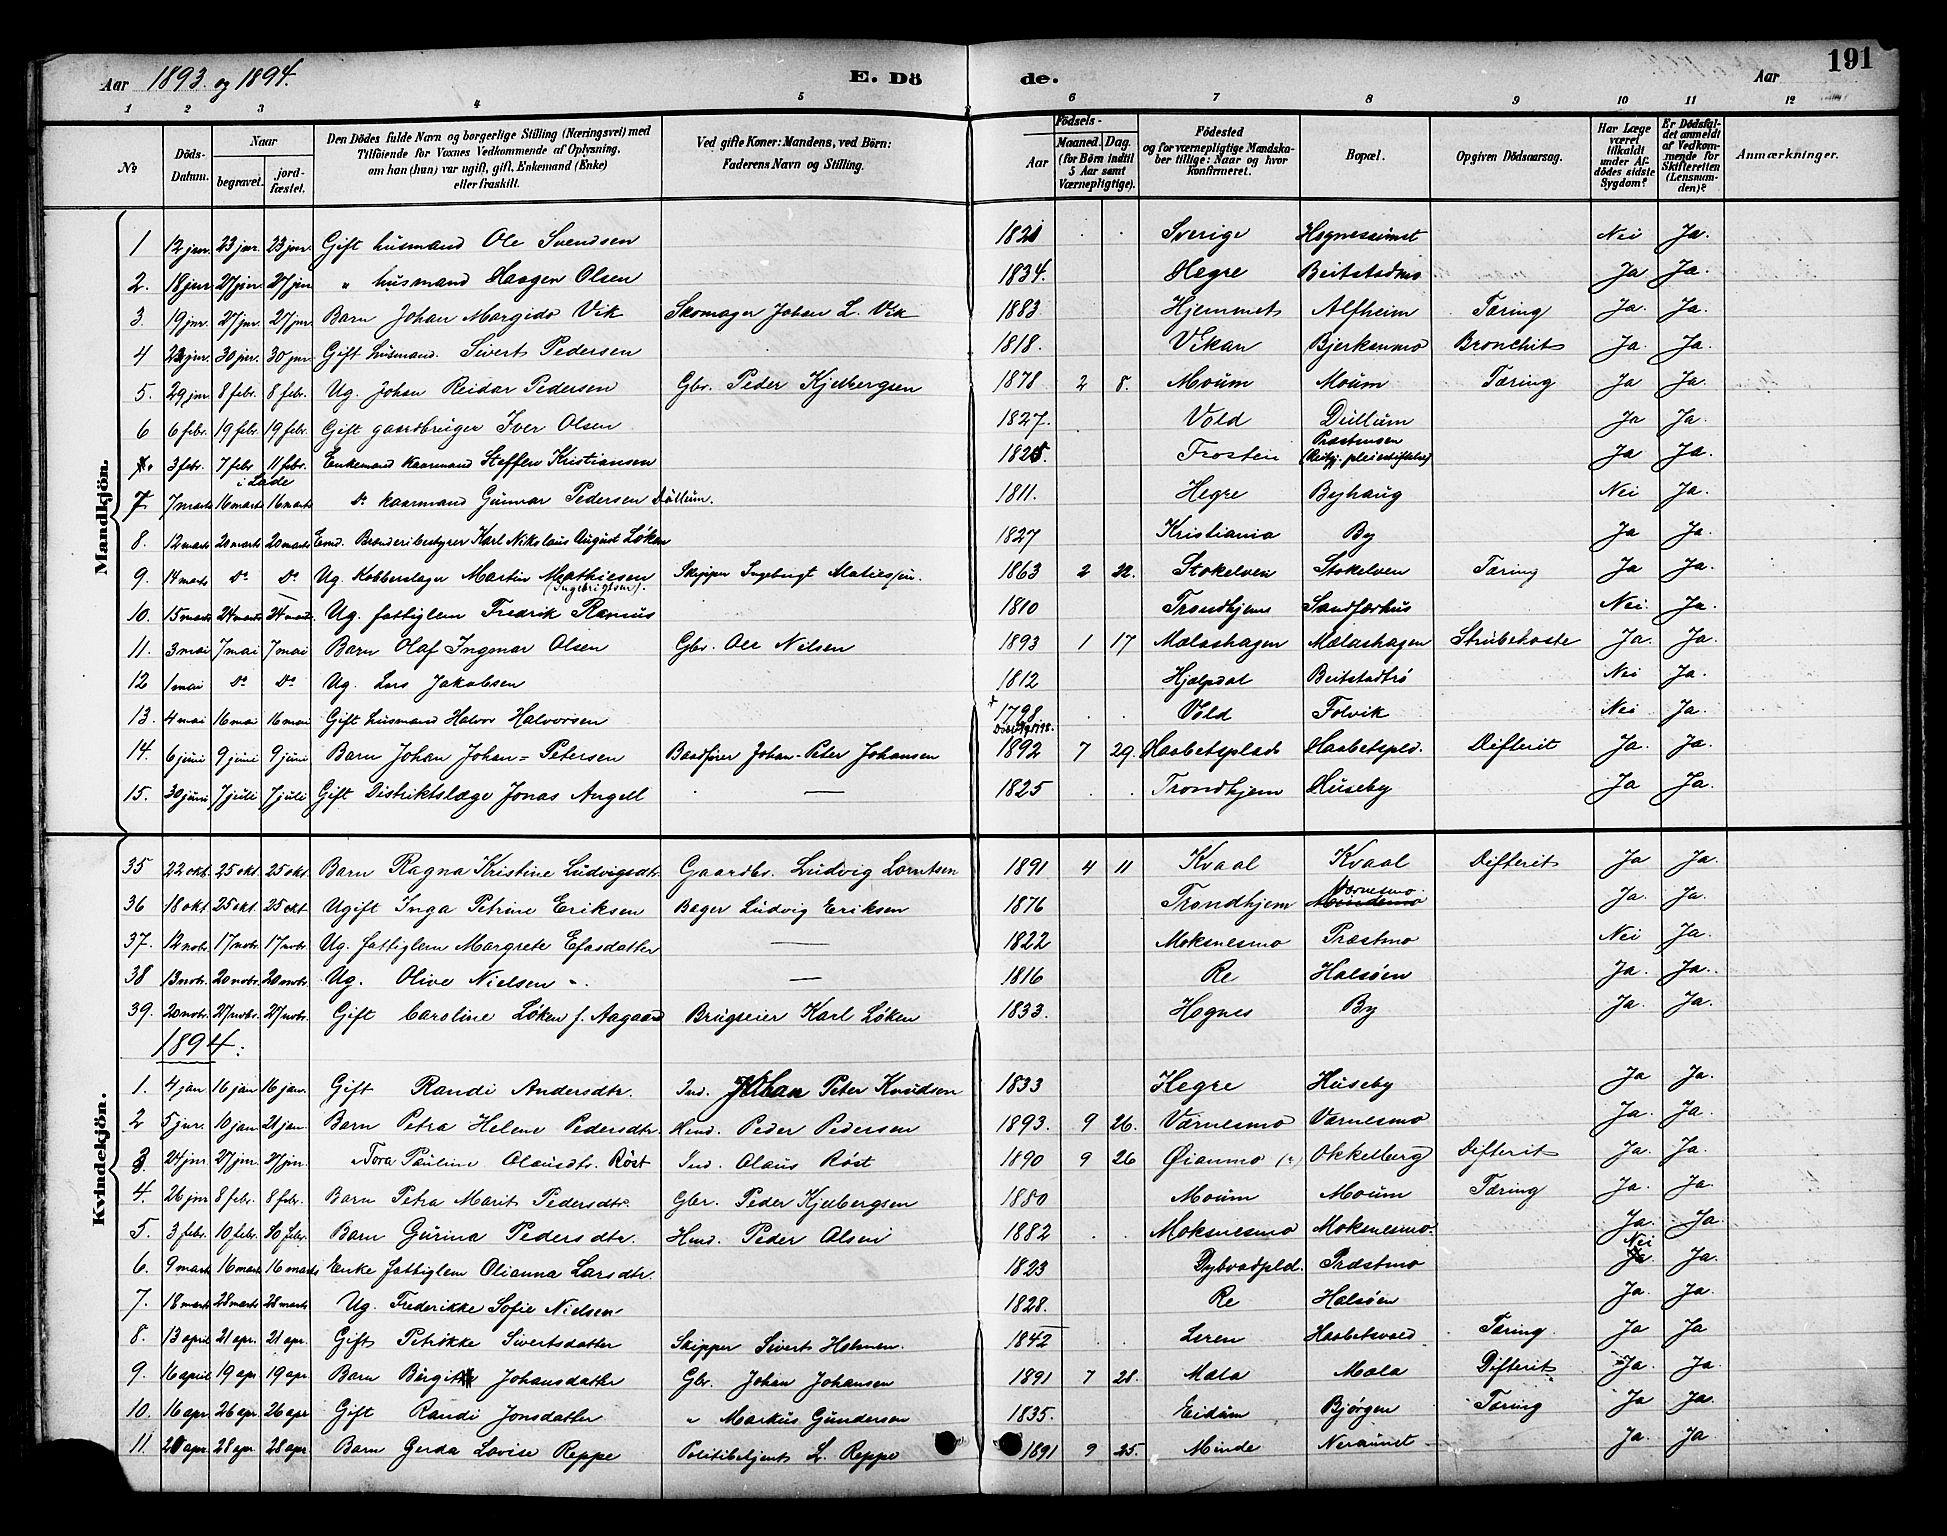 SAT, Ministerialprotokoller, klokkerbøker og fødselsregistre - Nord-Trøndelag, 709/L0087: Klokkerbok nr. 709C01, 1892-1913, s. 191